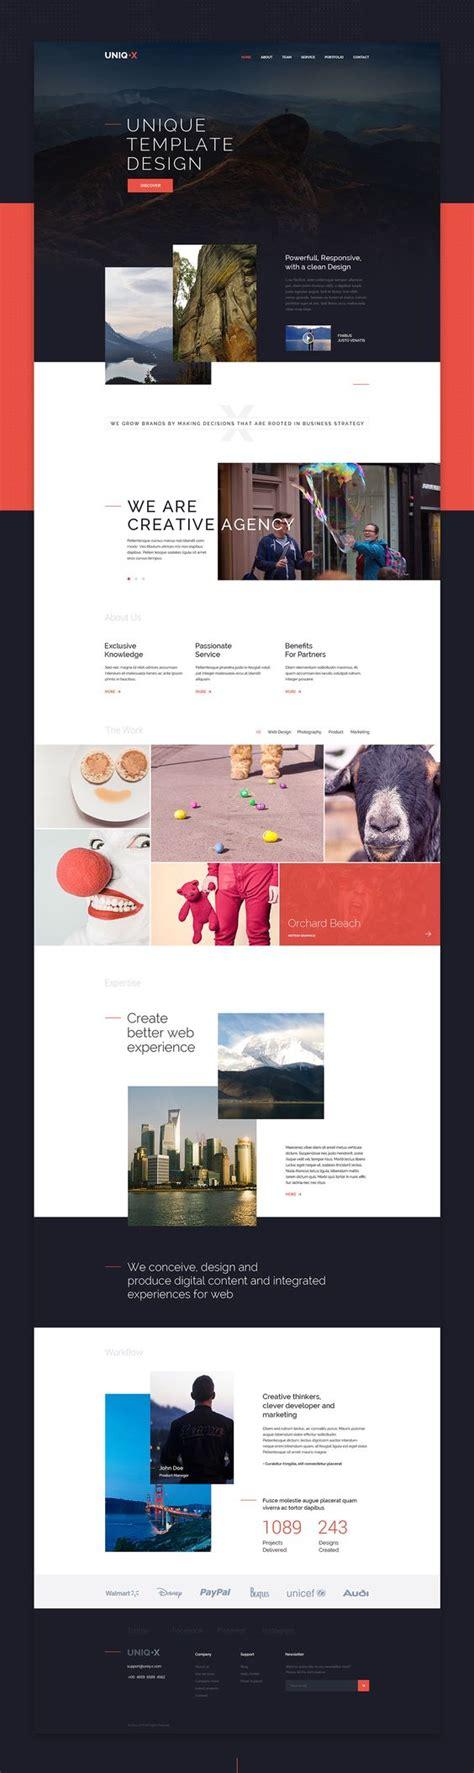 design inspiration websites 2017 web design inspiration 2017 hook agency